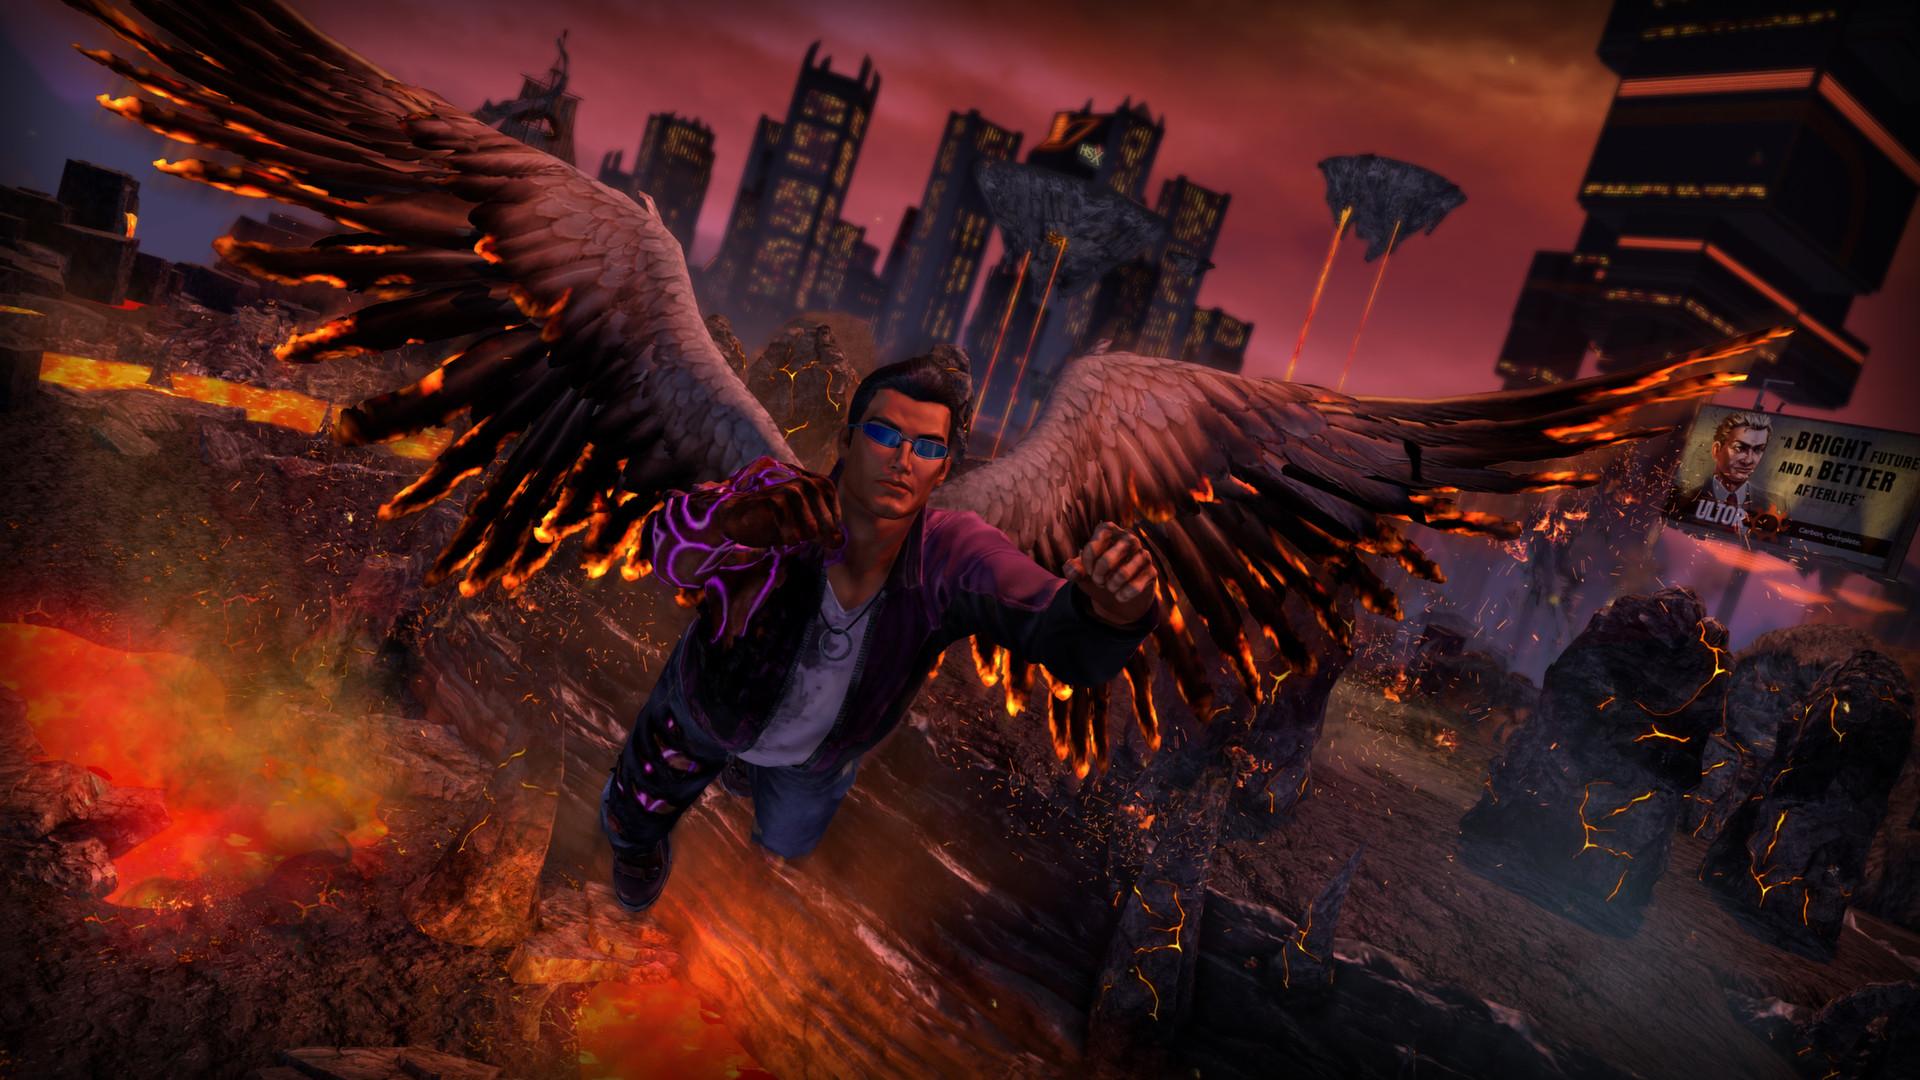 Скриншот Saints Row: Gat out of Hell (Region Free/LT+3.0) для Xbox 360 скачать торрентом